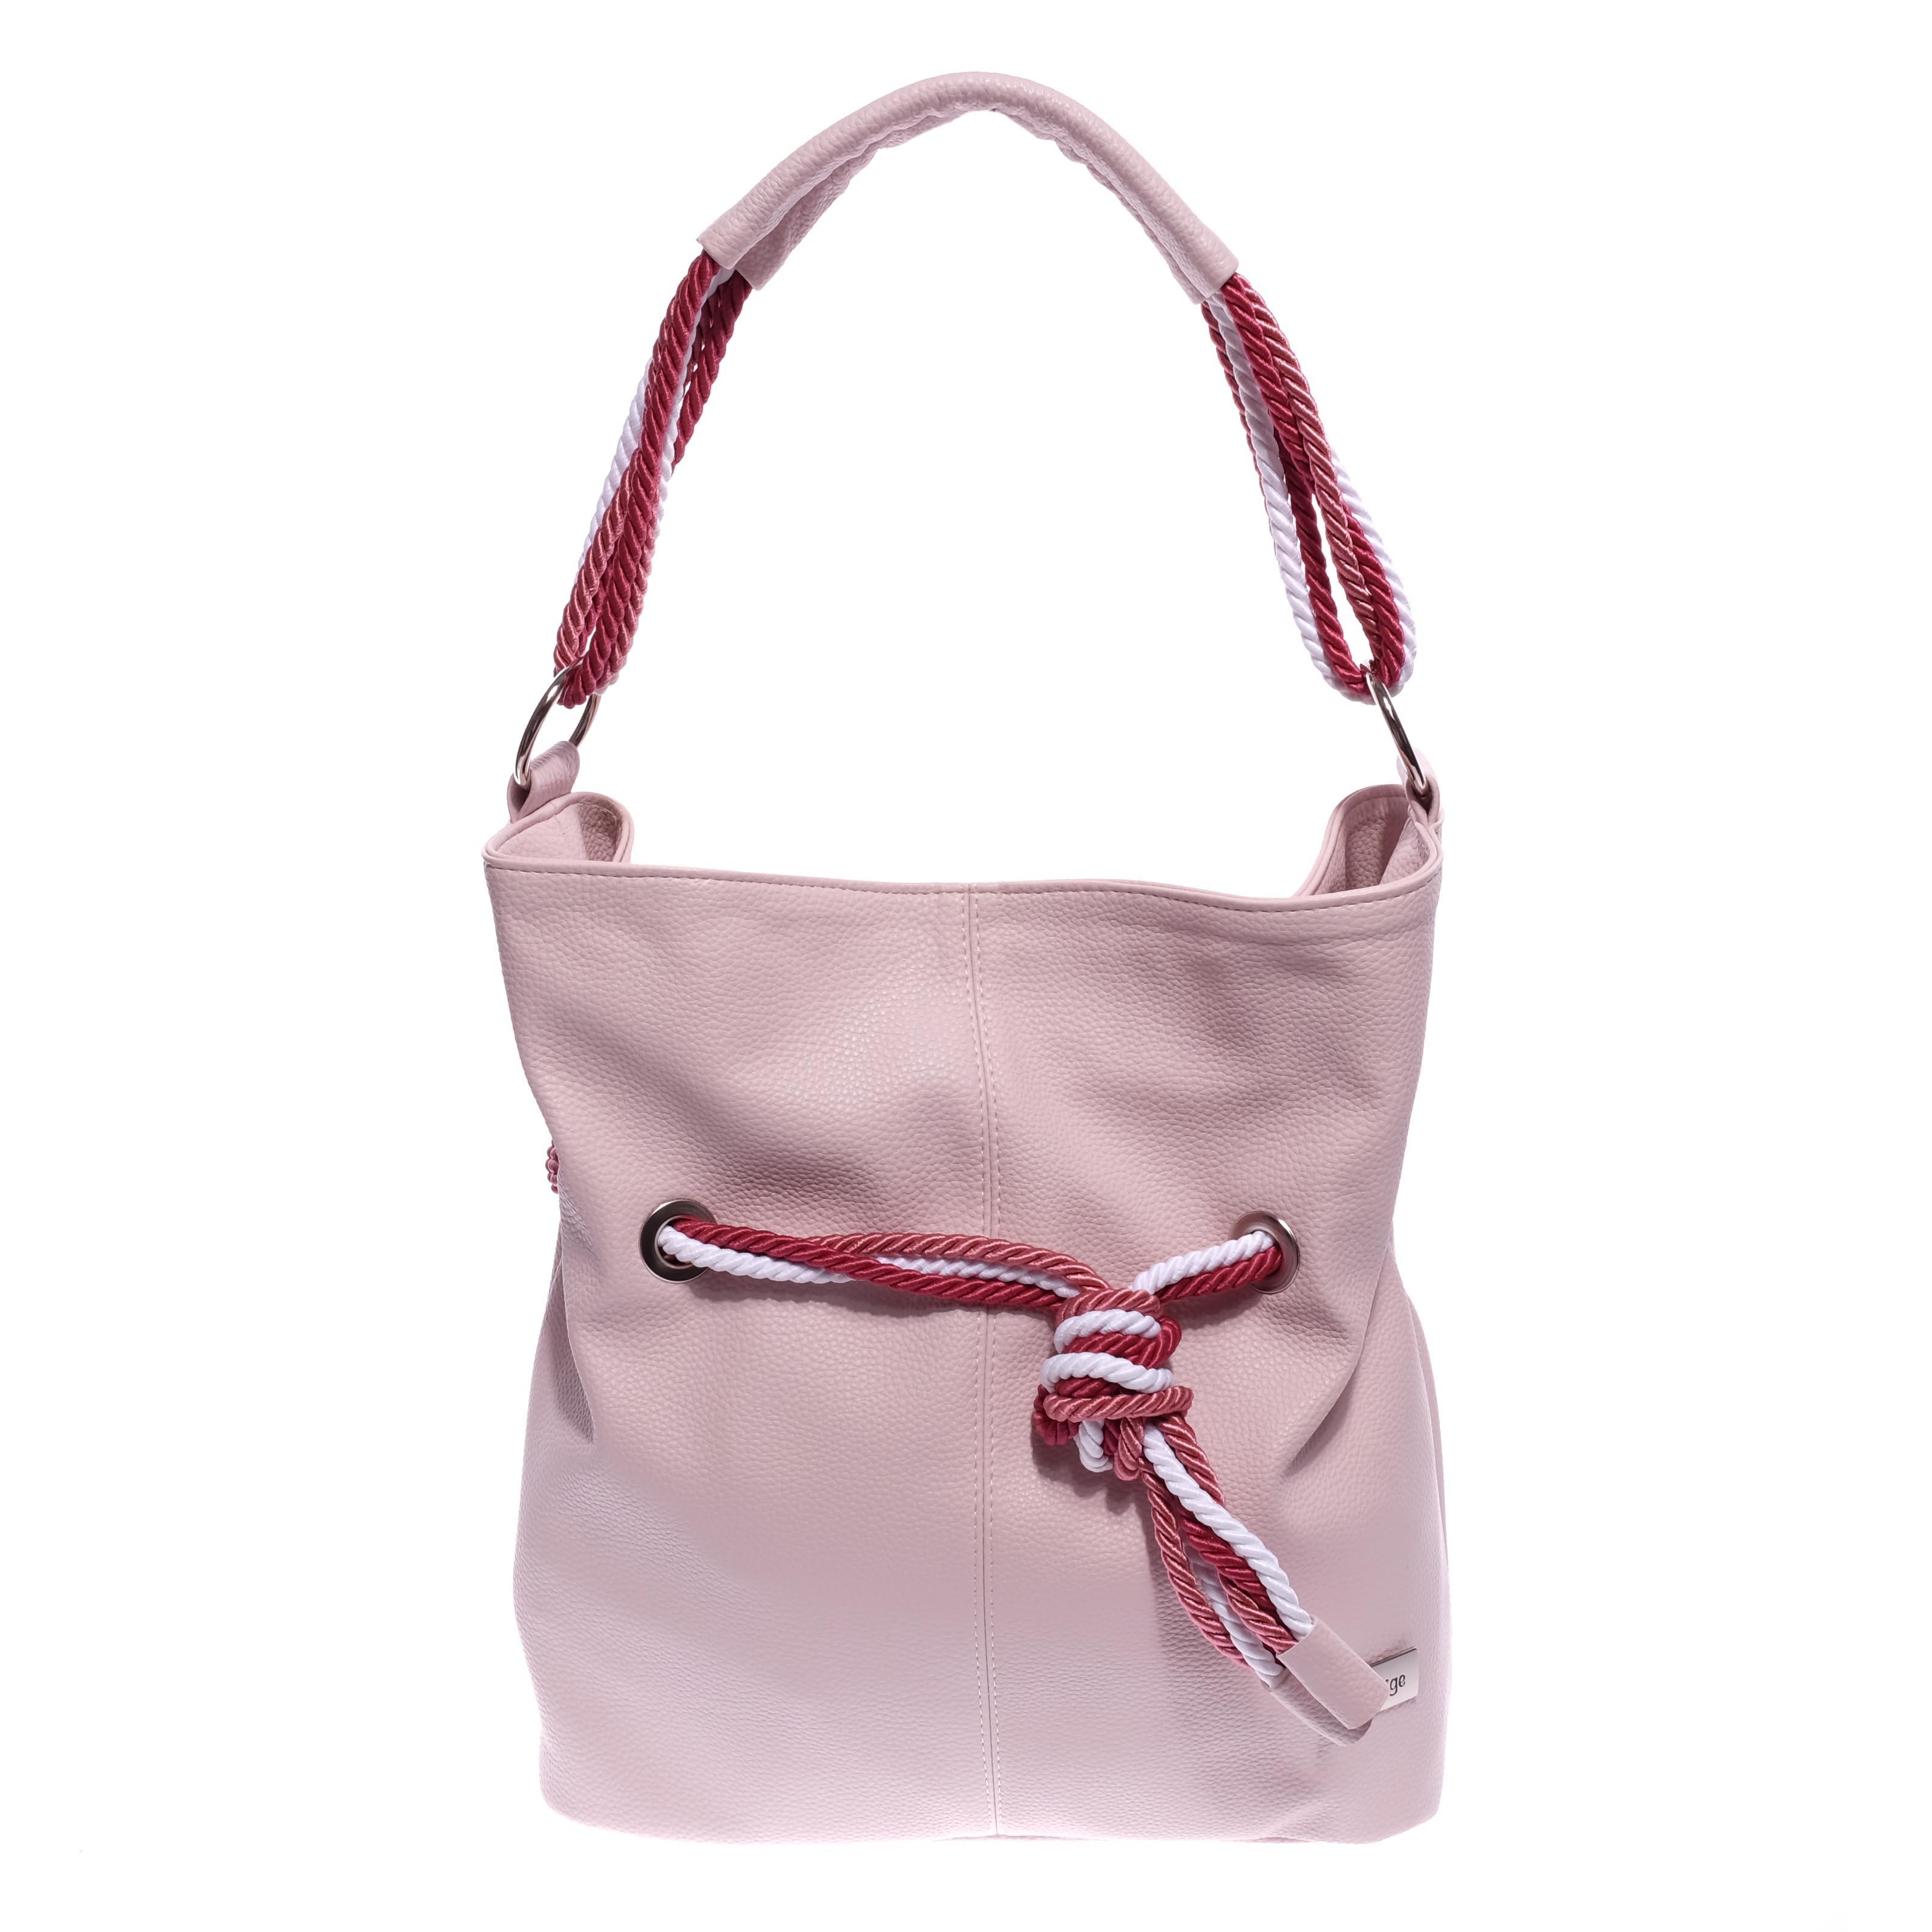 Prestige Világos Rózsaszín Női Rostbőr Válltáska - Válltáskák - Táska  webáruház - Minőségi táskák mindenkinek 900d1efa7e